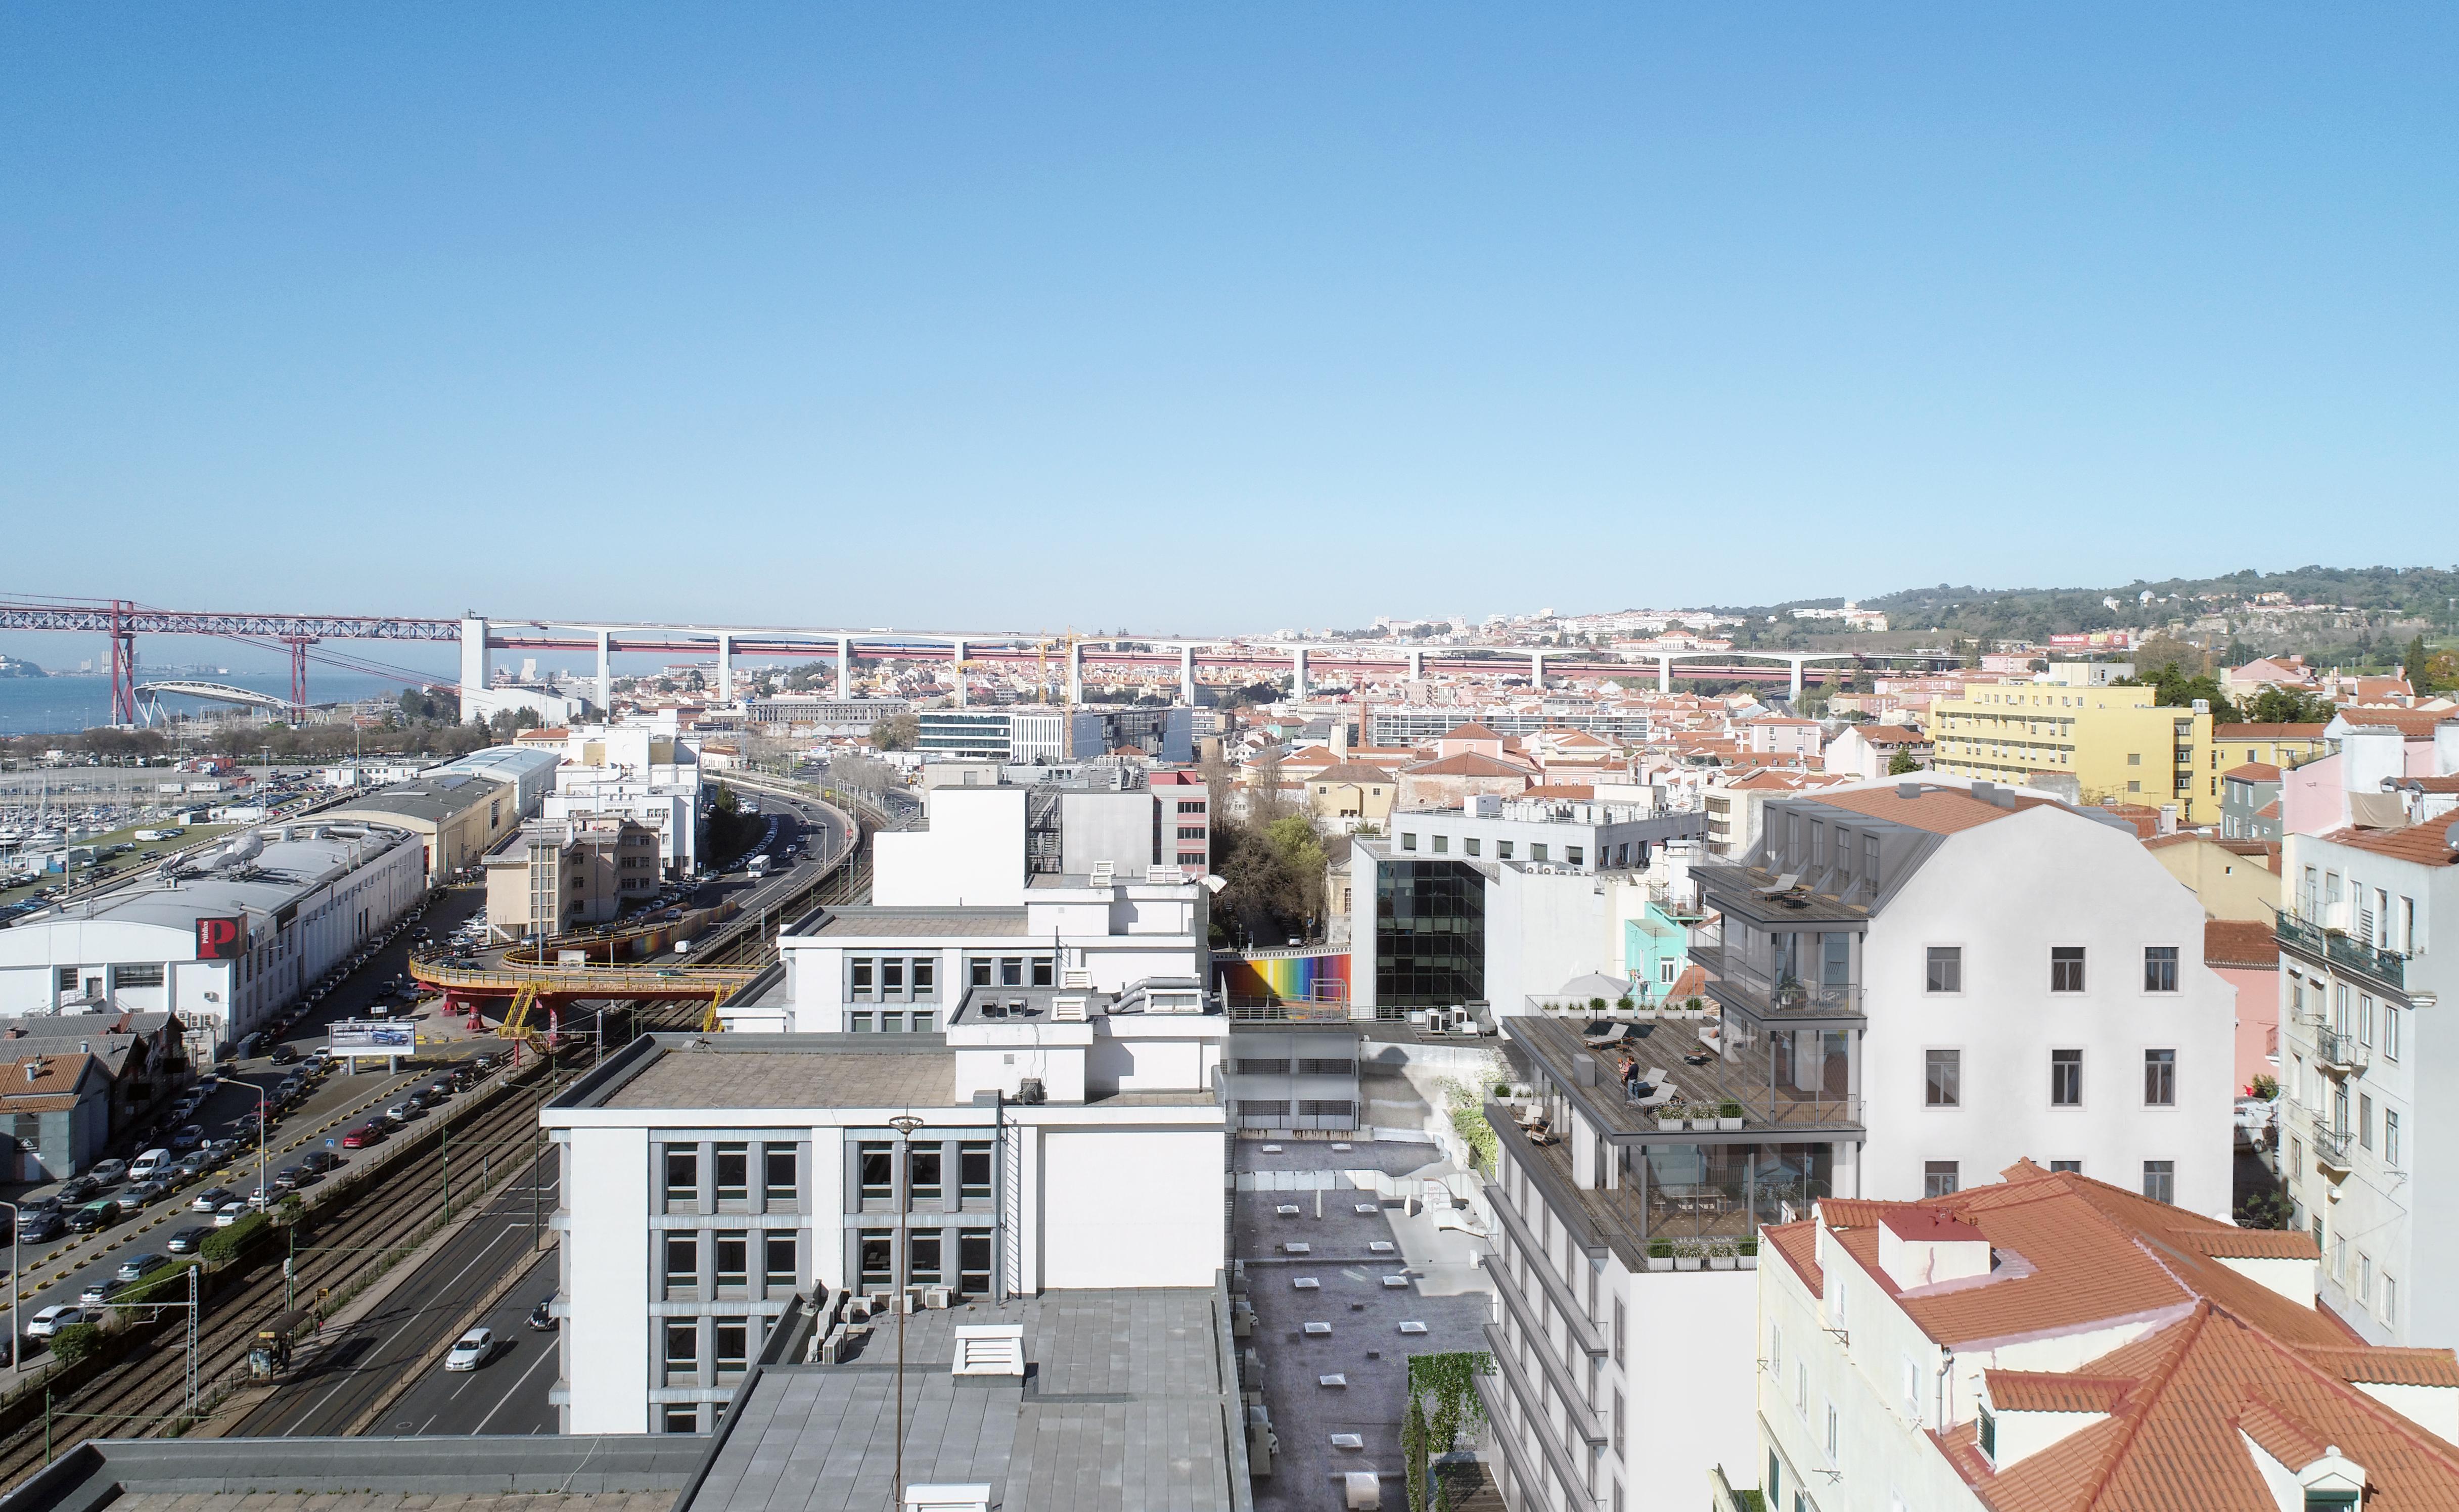 São 16 apartamentos com vista para o rio Tejo / JLL